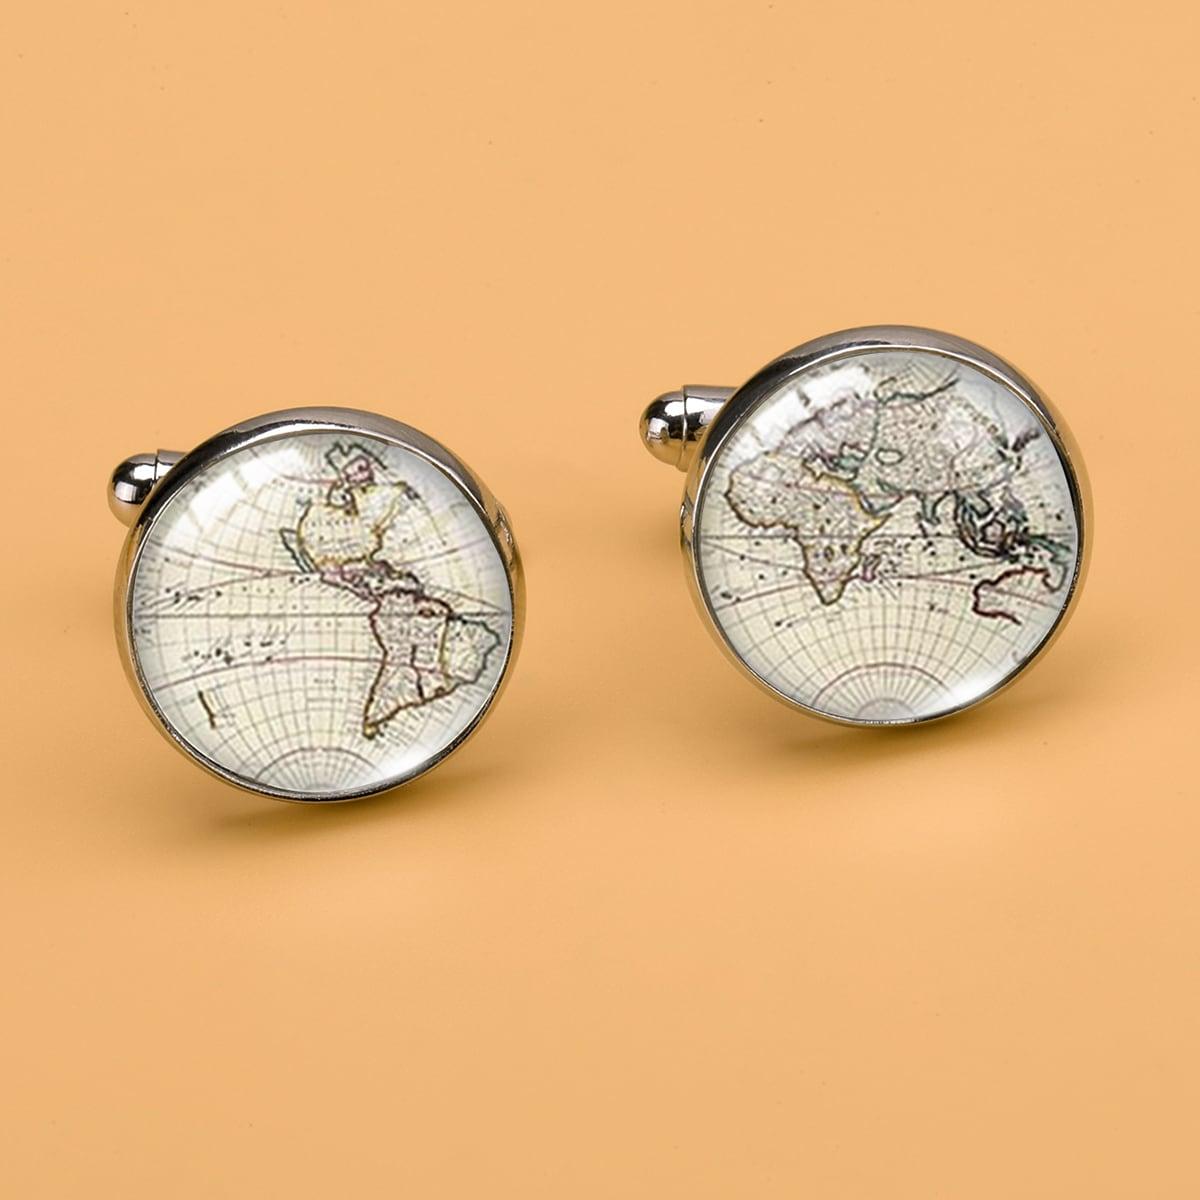 Мужской Запонки с принтом географической карты